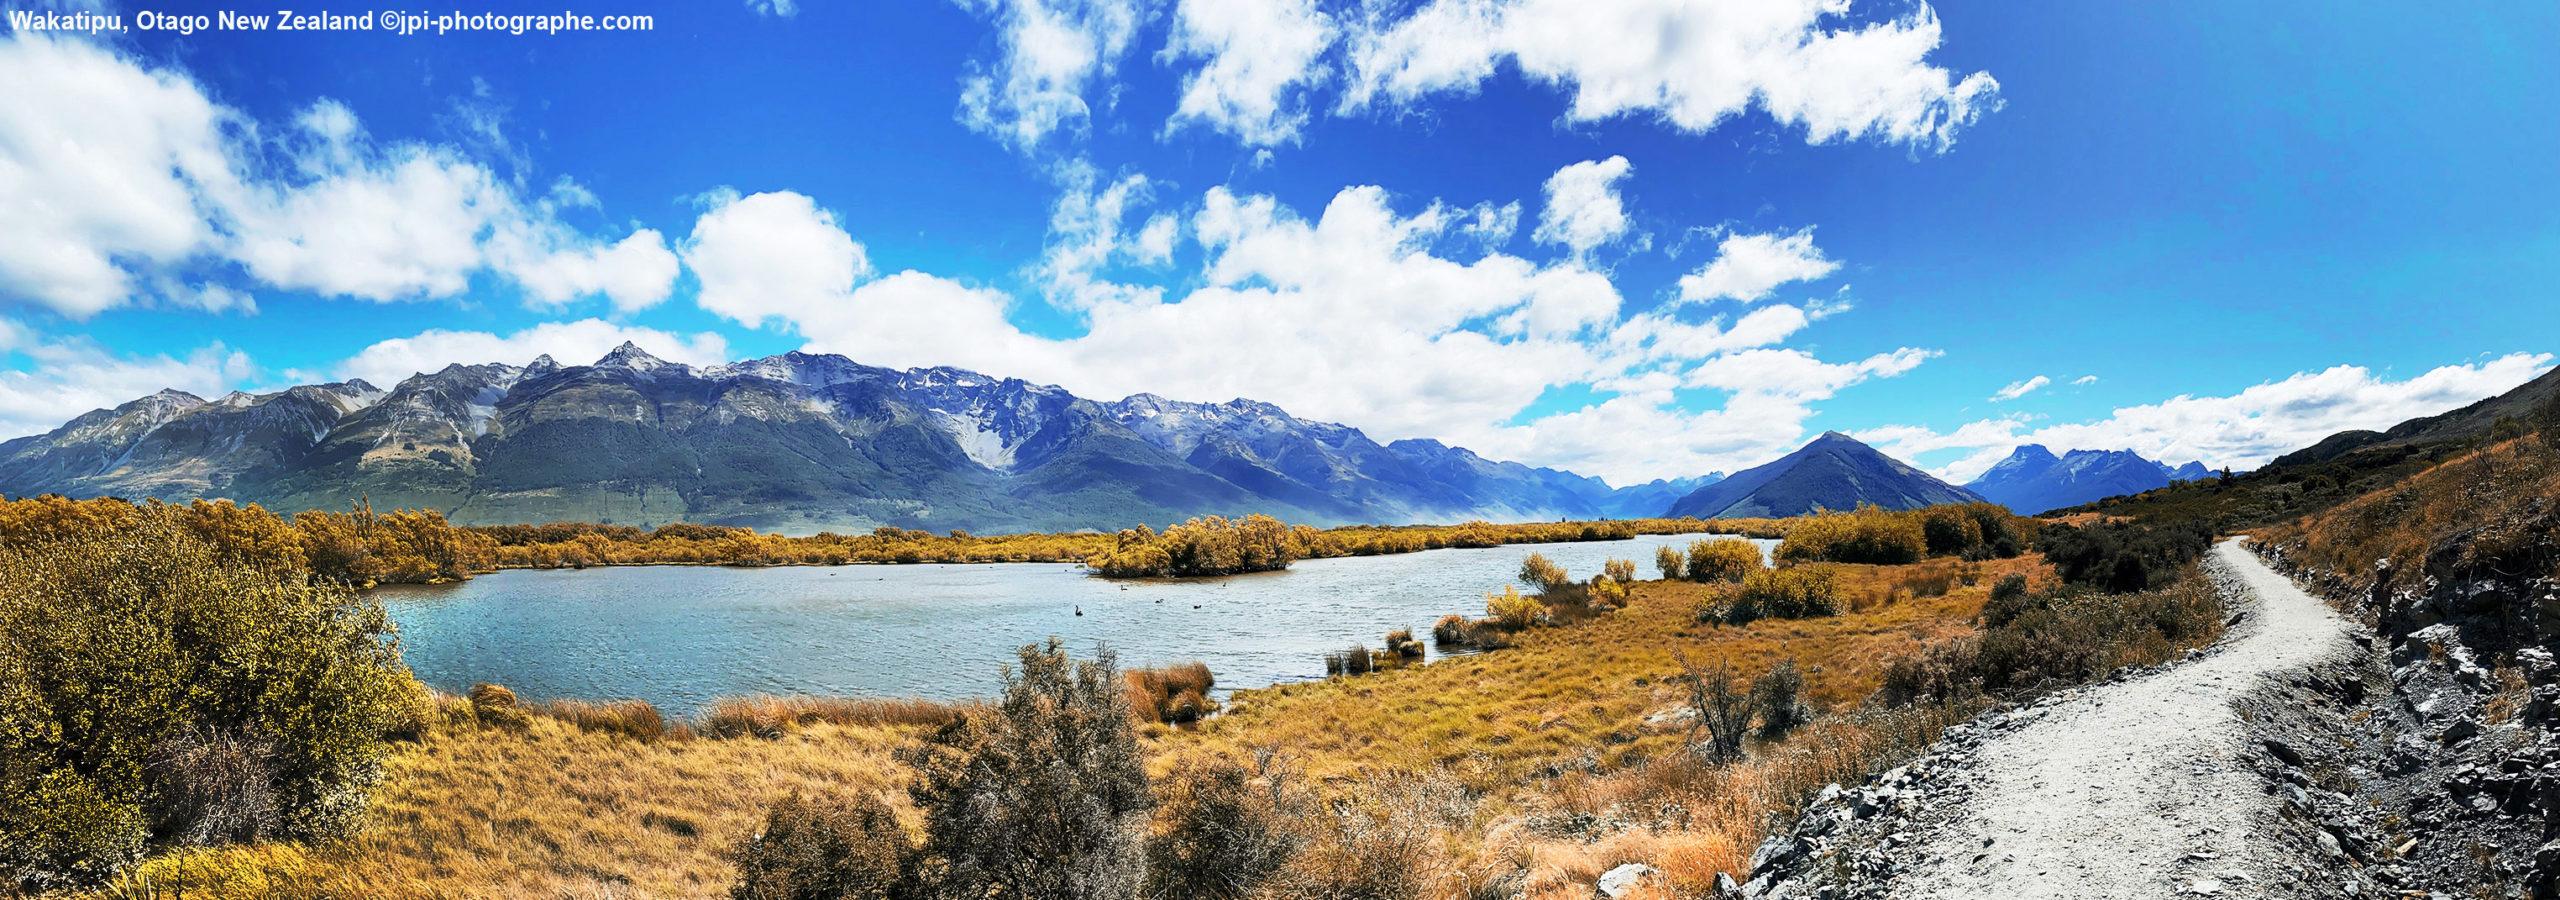 New Zealand paysage photographie JPI Mulhouse